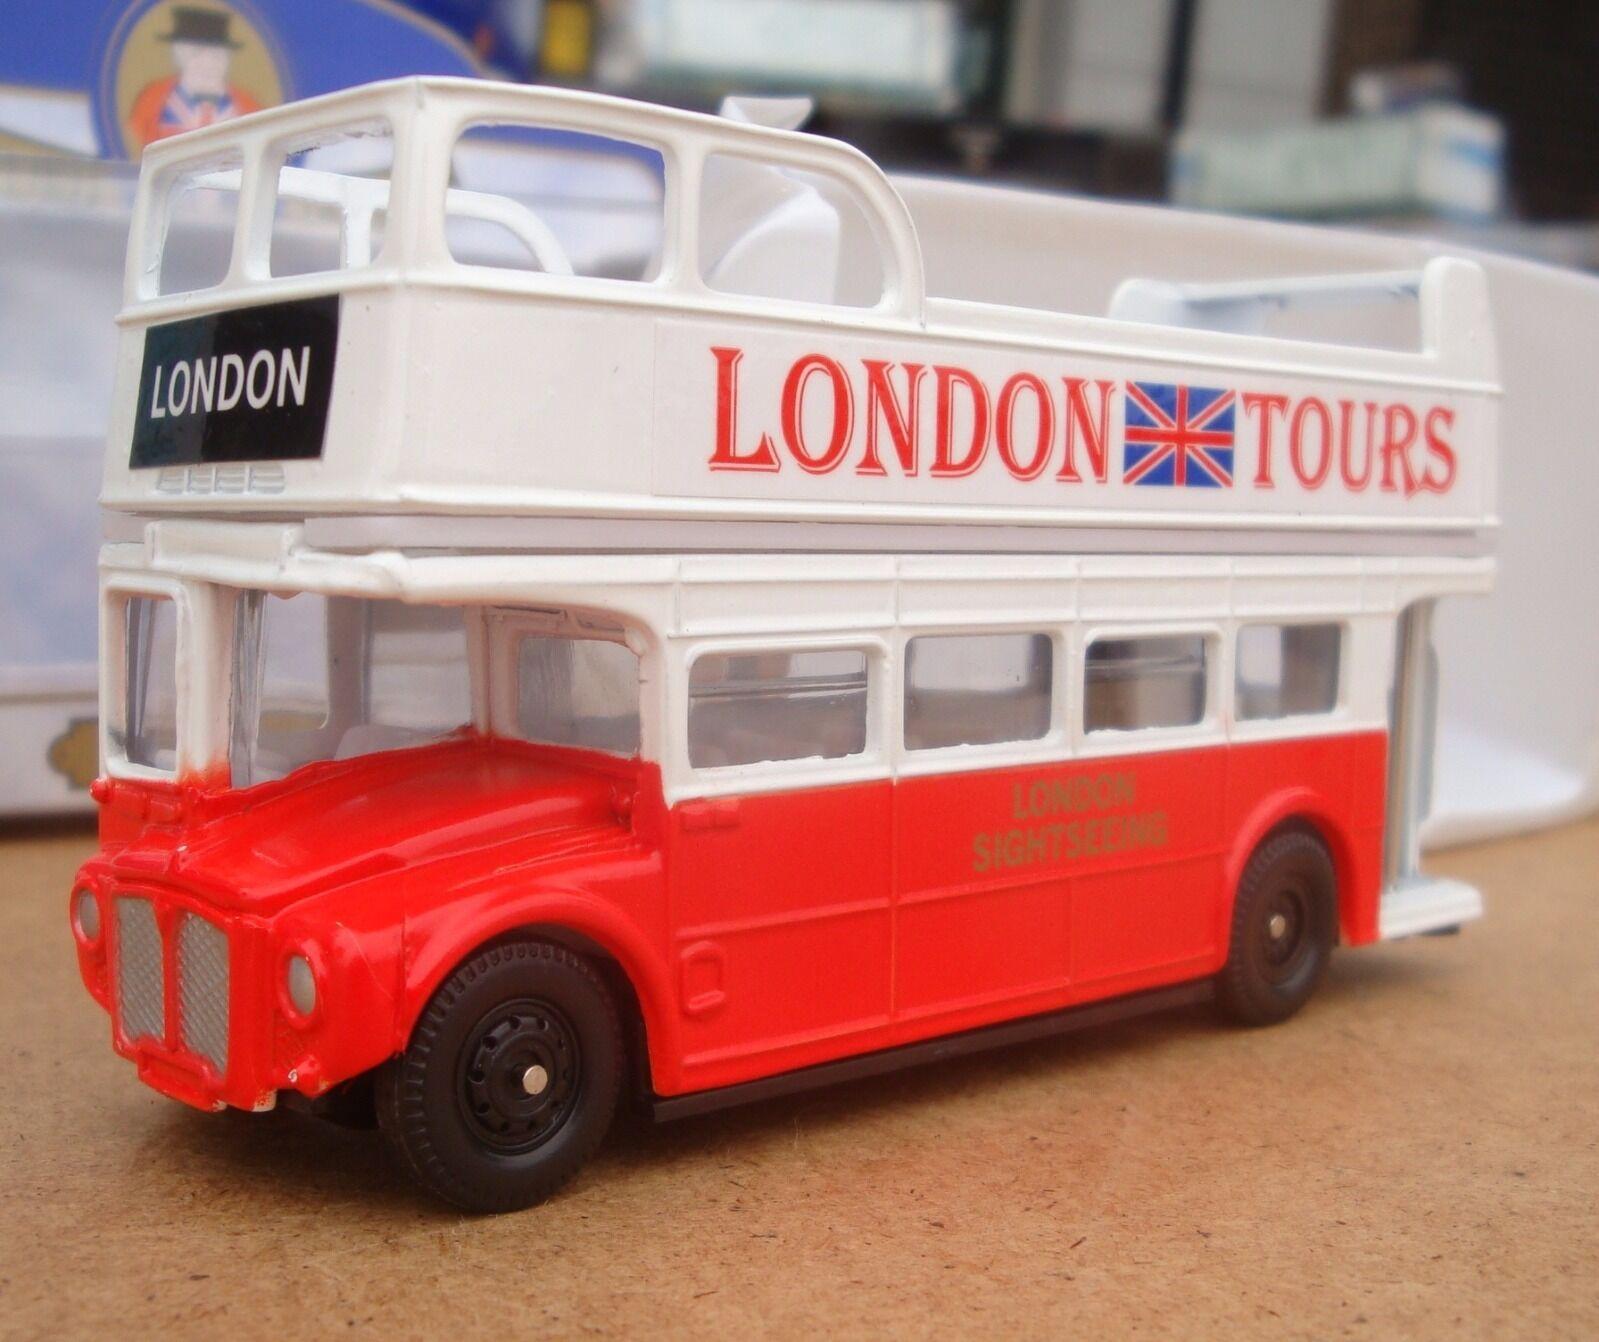 Oxford Diecast RM0 42(042), London Tours, Routemaster open-top bus, bus, bus, 1 76 e8fe7d